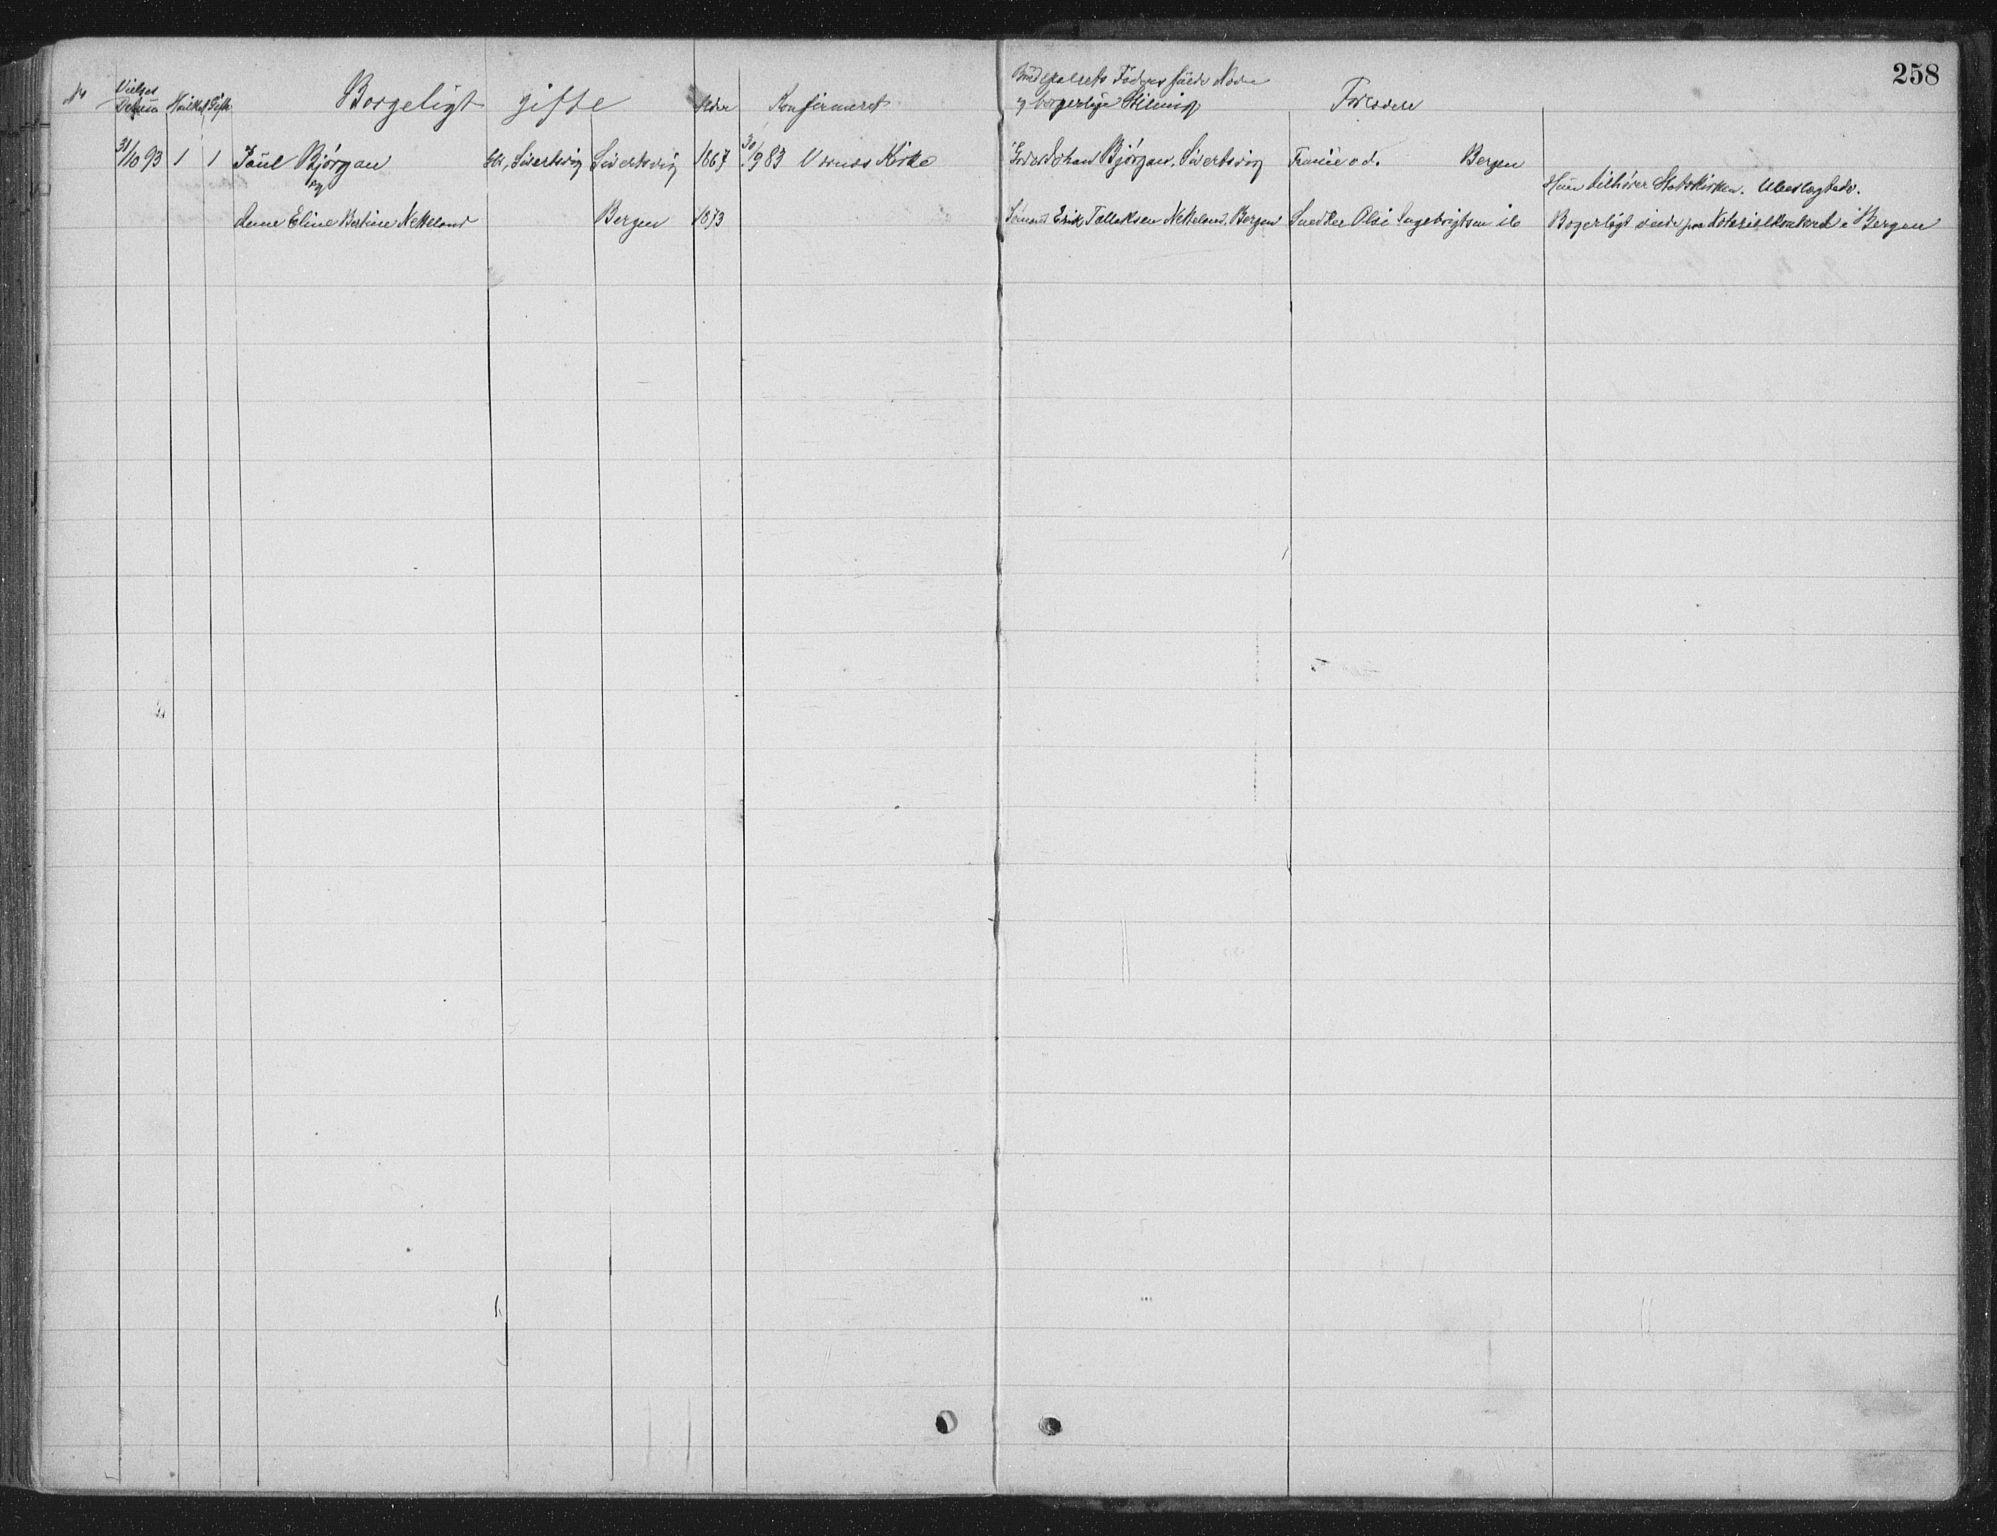 SAT, Ministerialprotokoller, klokkerbøker og fødselsregistre - Sør-Trøndelag, 662/L0755: Ministerialbok nr. 662A01, 1879-1905, s. 258